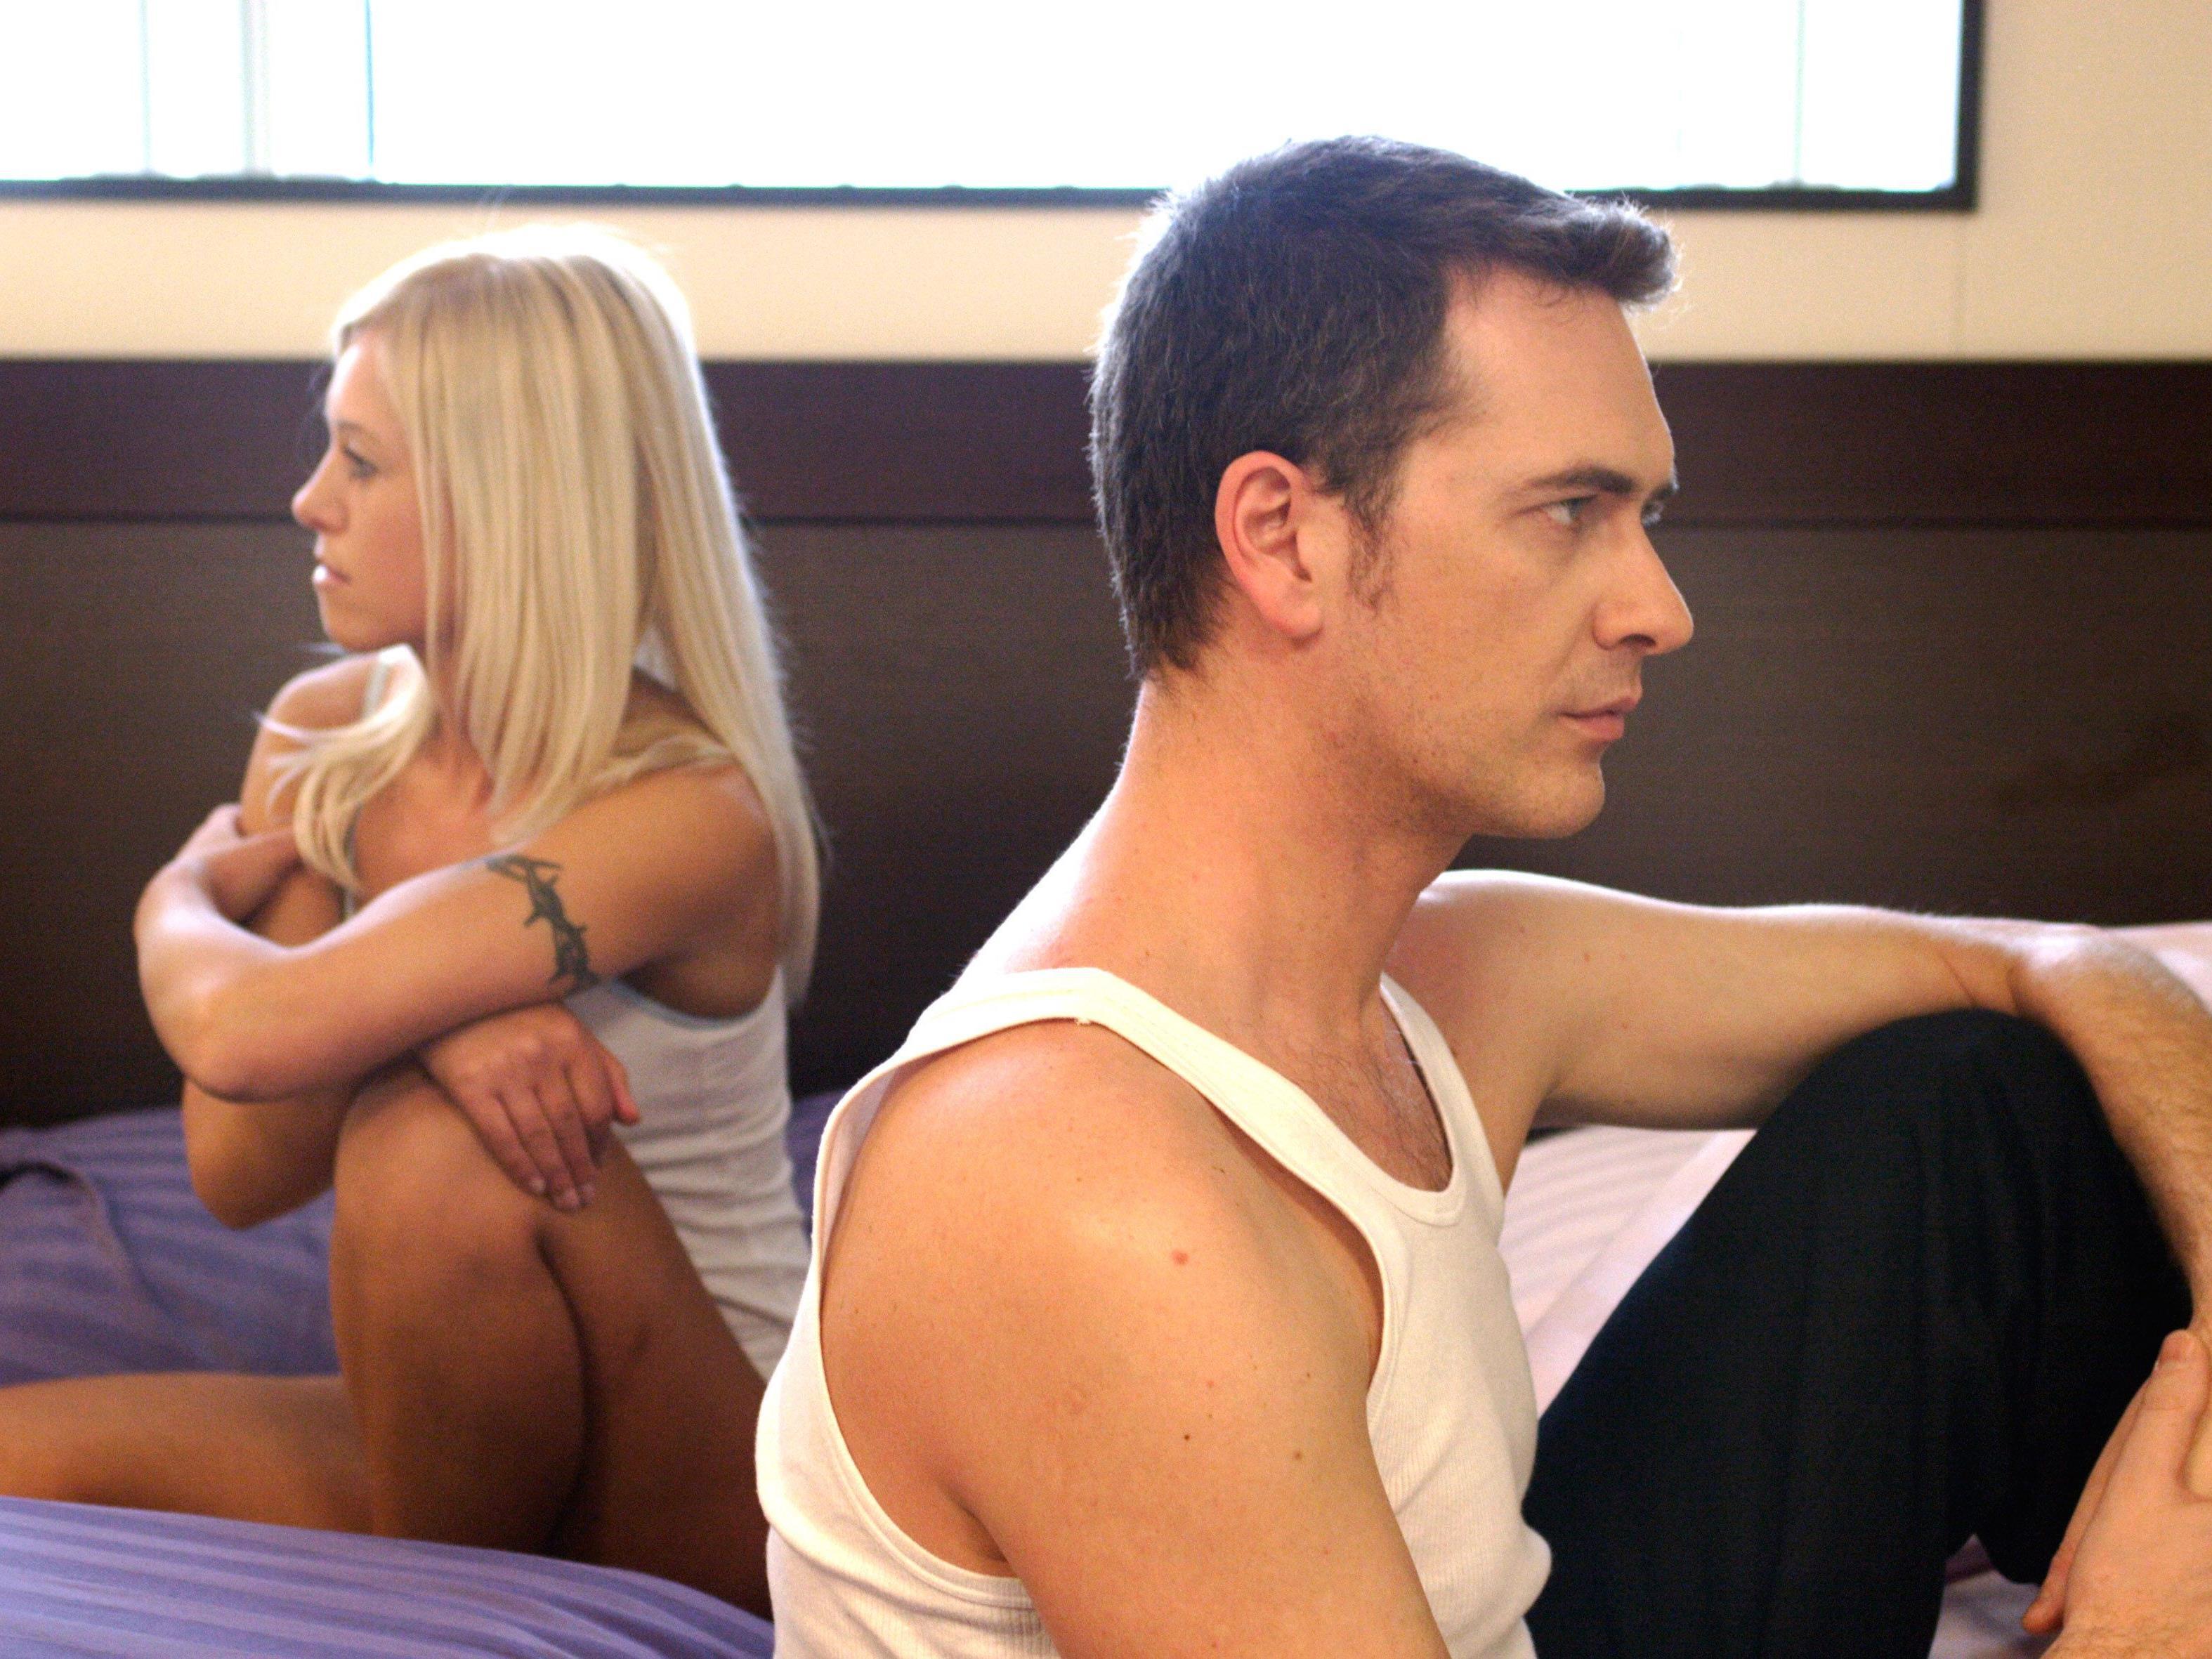 Studiengang rund um die Sexualität wird ins Leben gerufen.